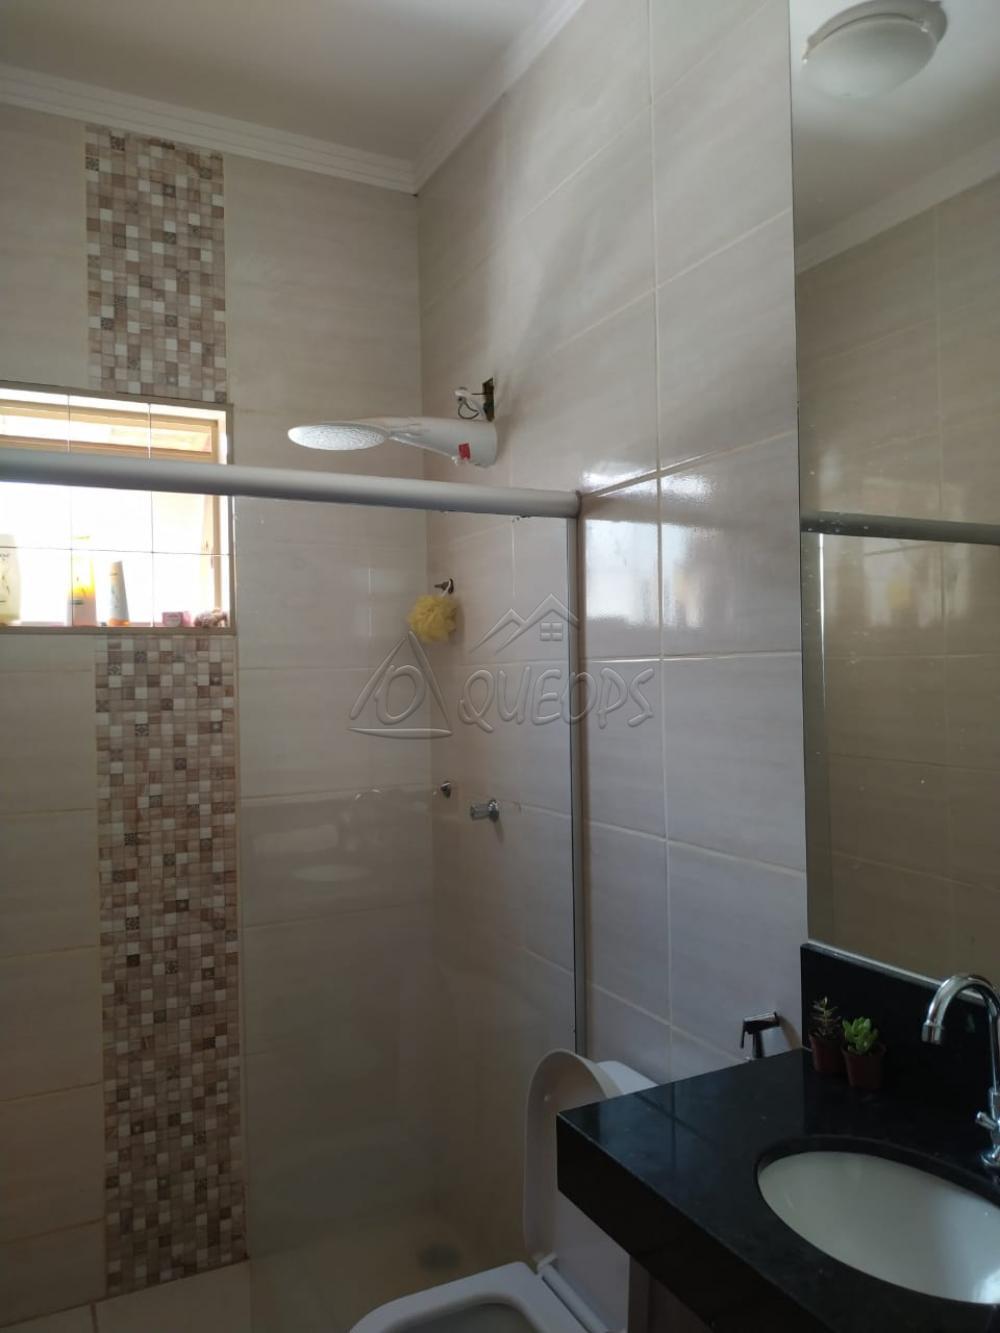 Alugar Casa / Padrão em Barretos apenas R$ 1.000,00 - Foto 8